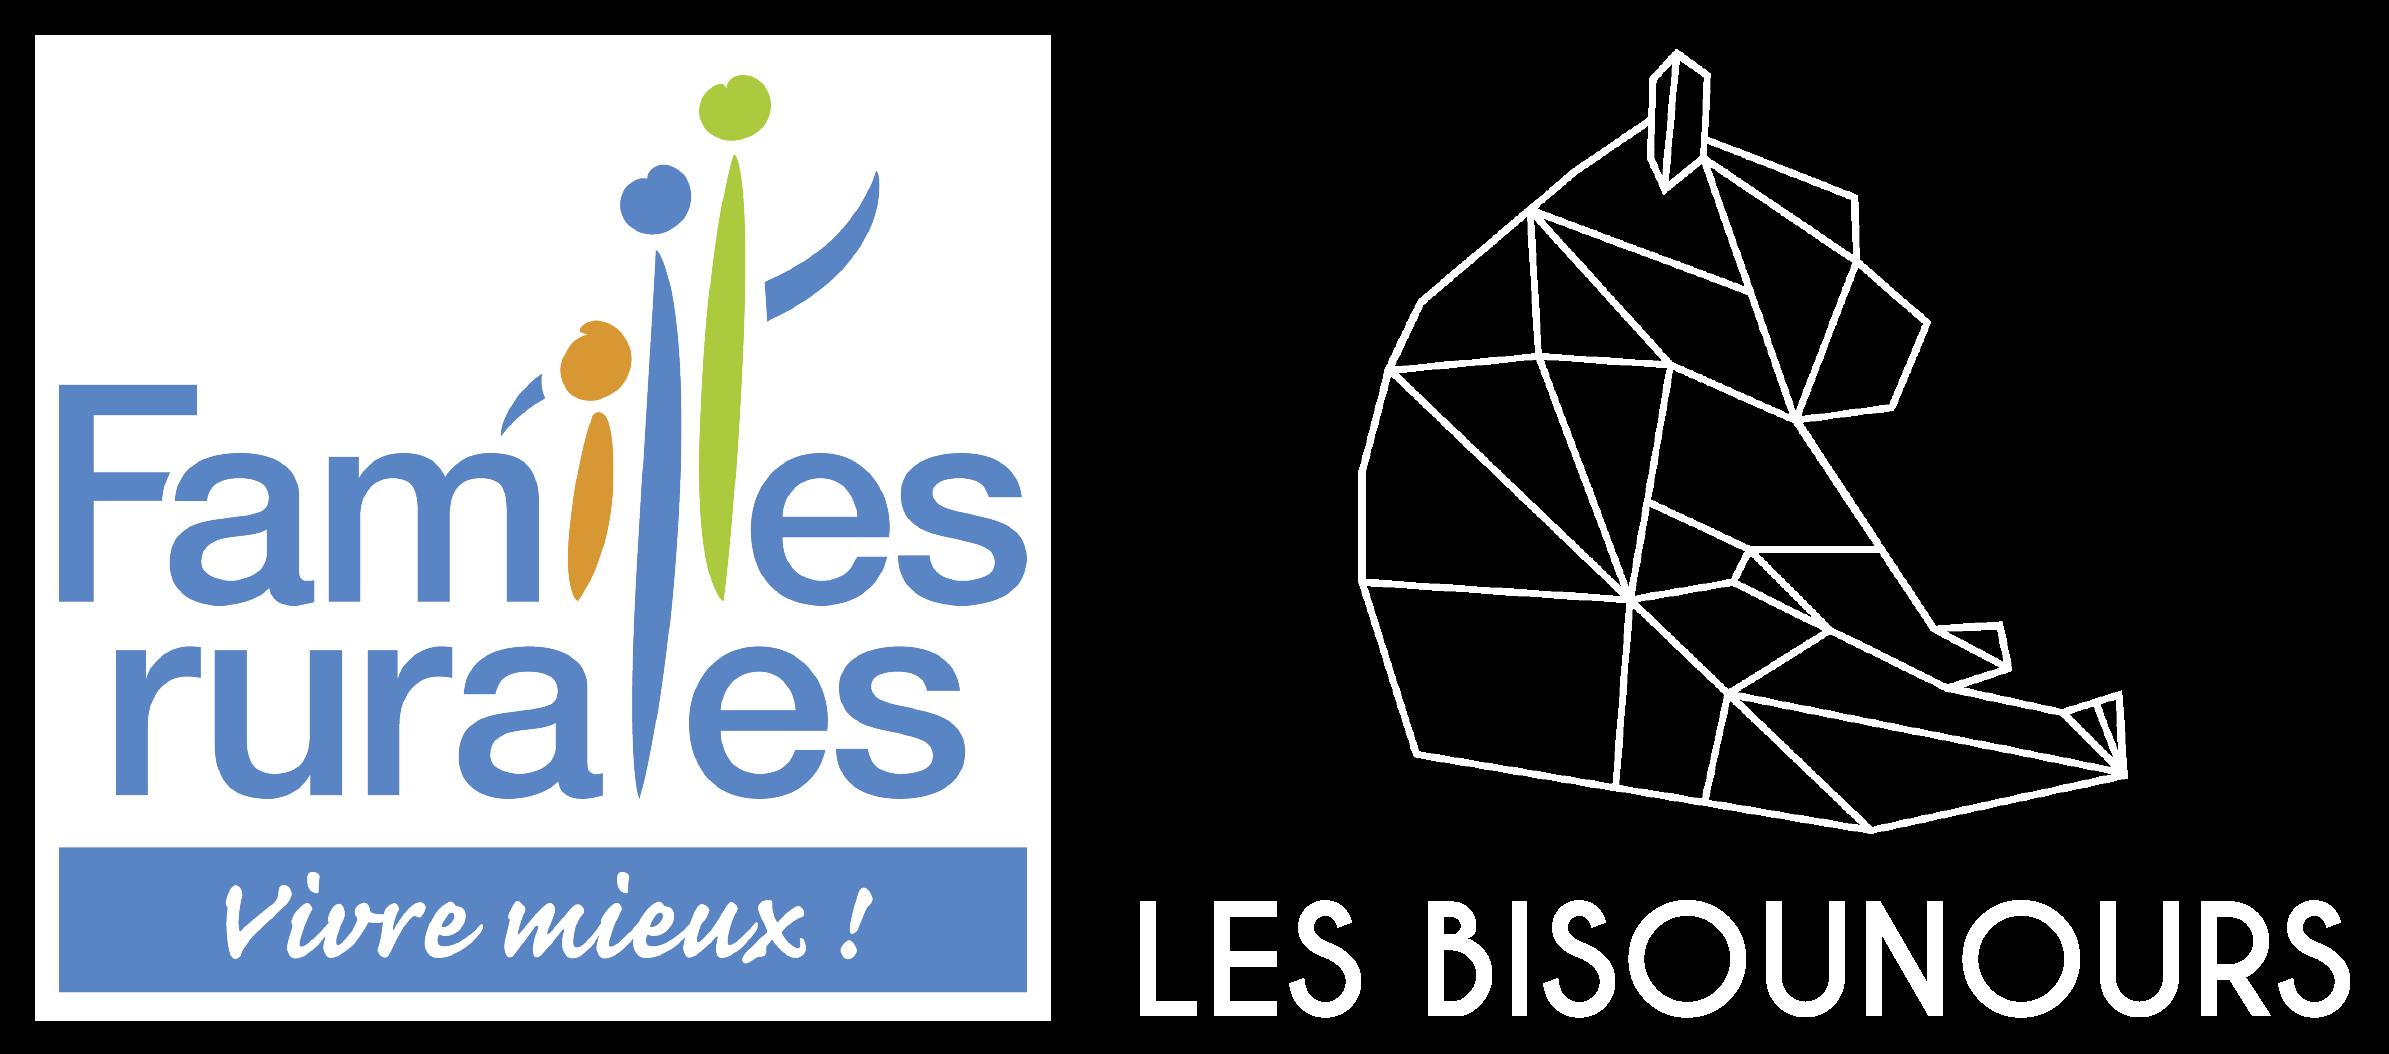 Les bisounours à Saint Georges d'Espéranche - Toutes l'actualités sur les activités des enfants et les informations que les parents doivent connaître.